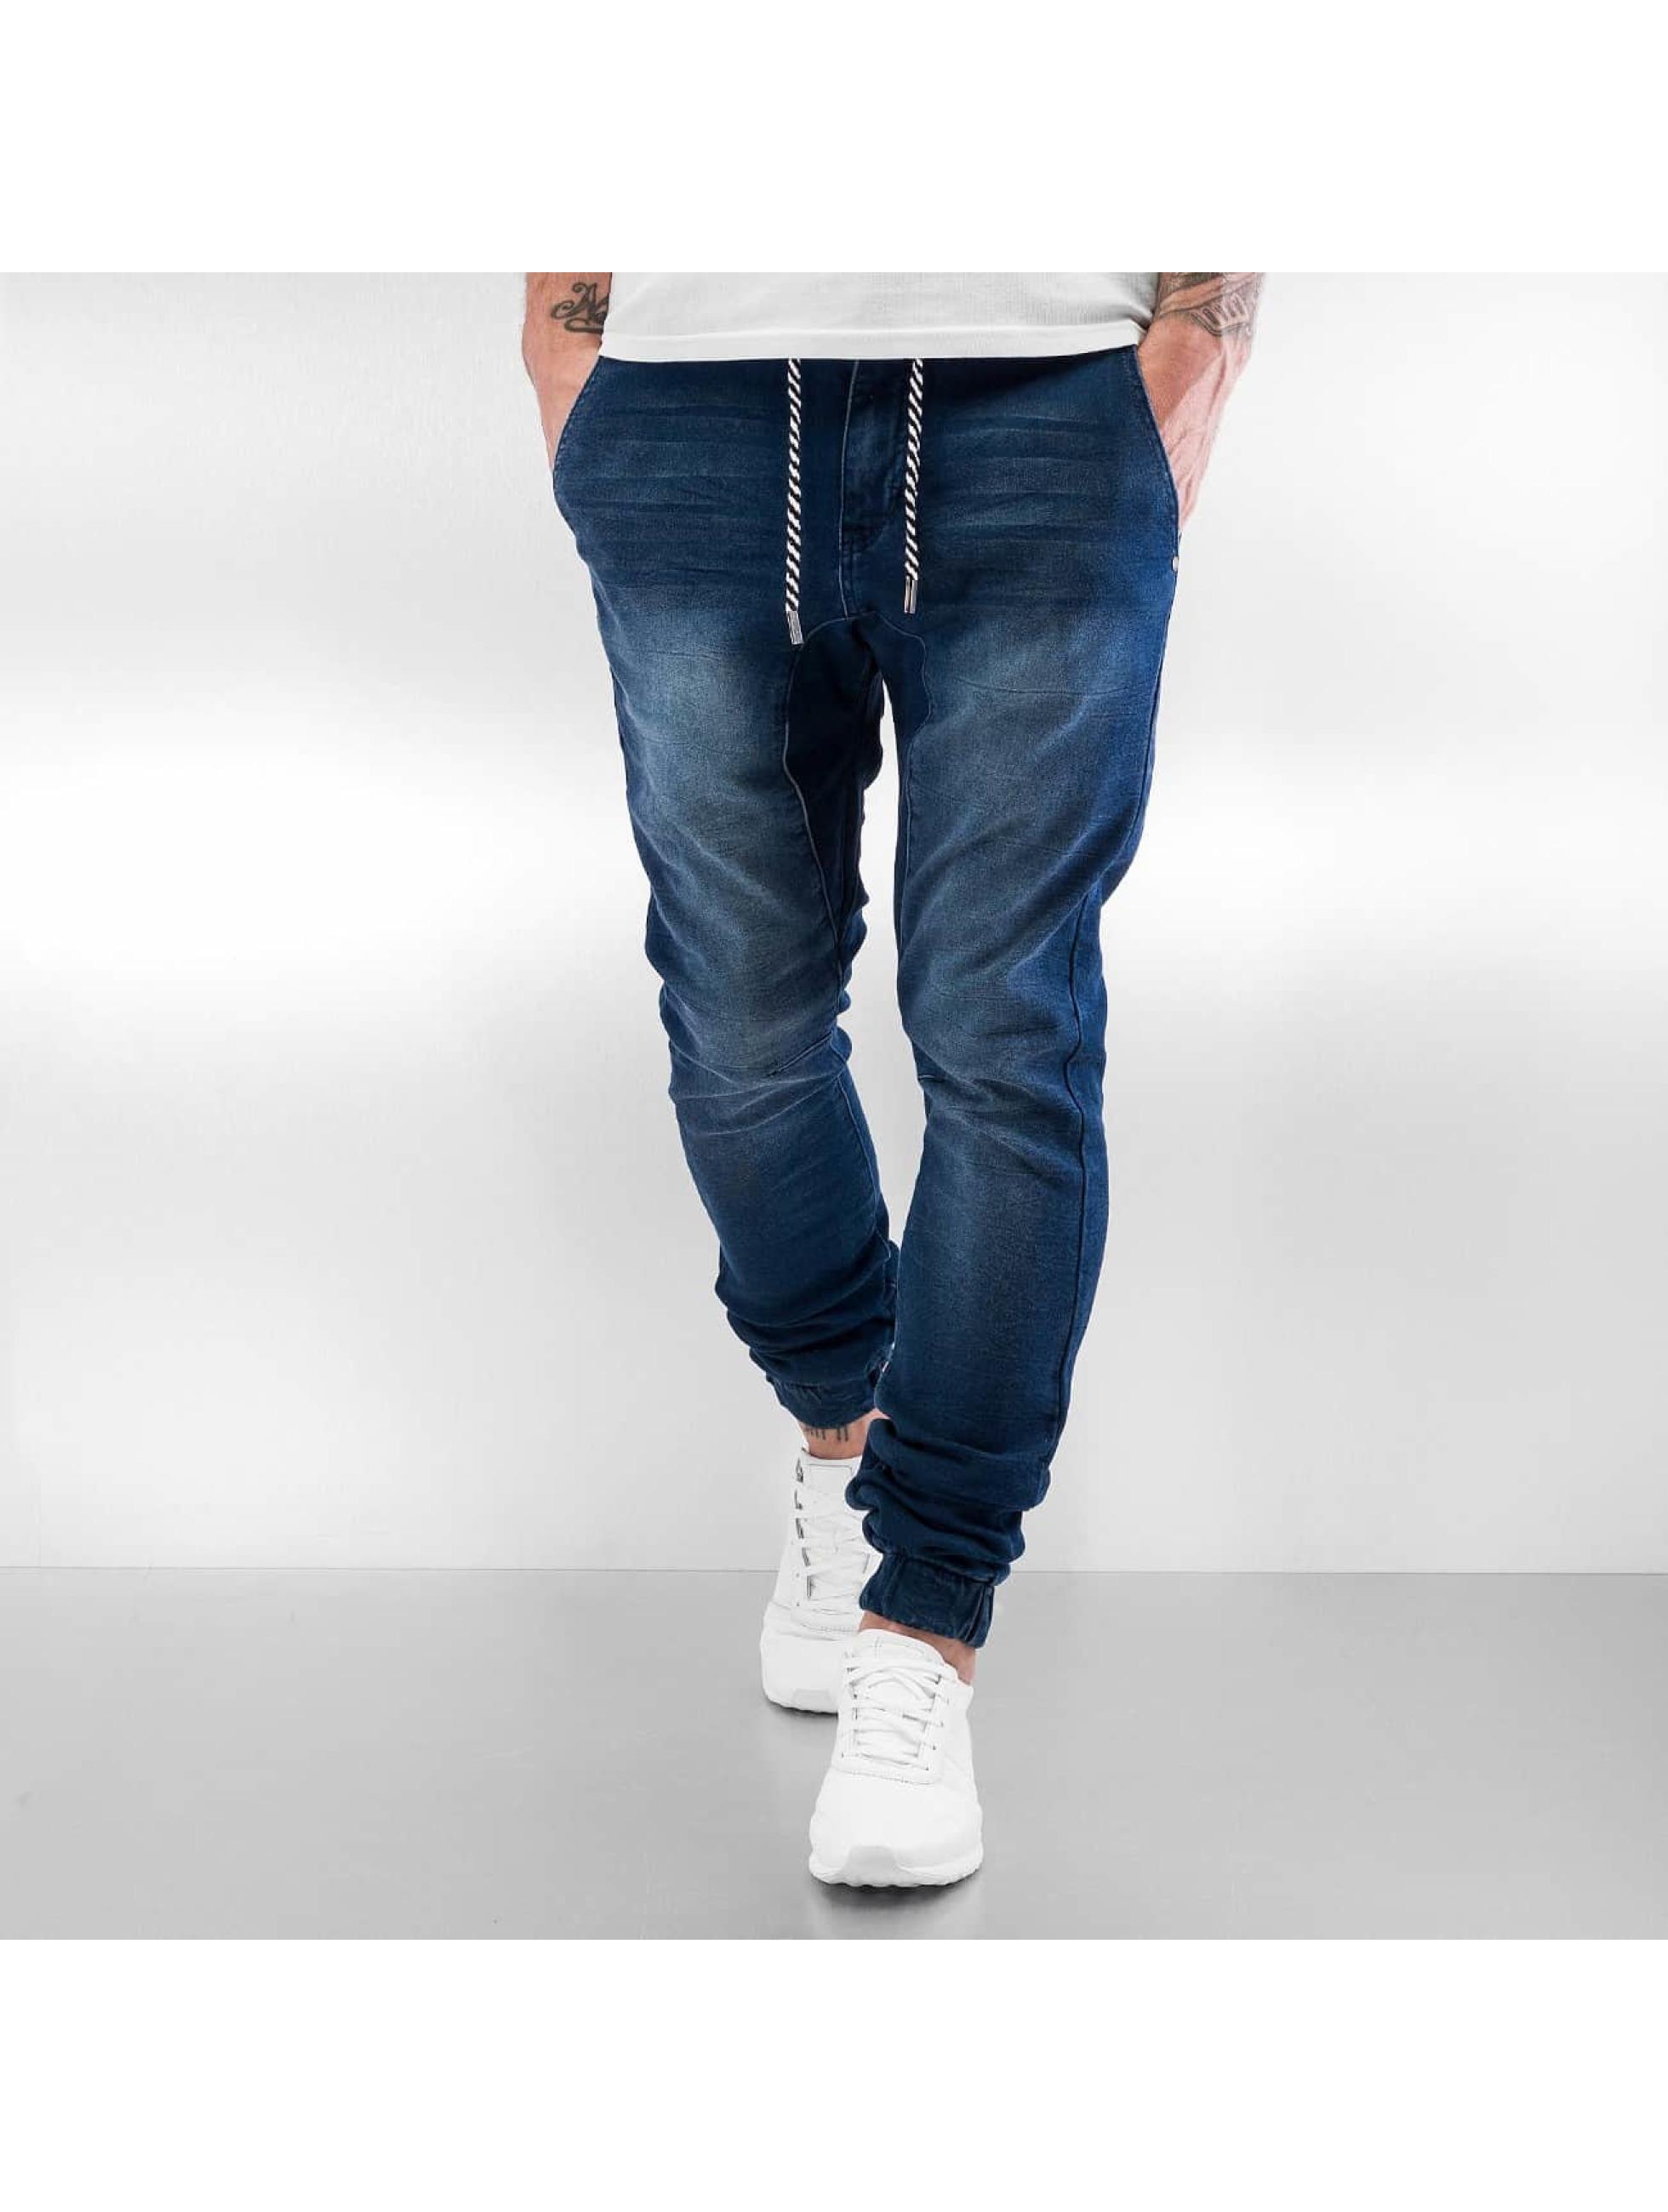 sky rebel herren jogginghose jeans style in blau 298474. Black Bedroom Furniture Sets. Home Design Ideas